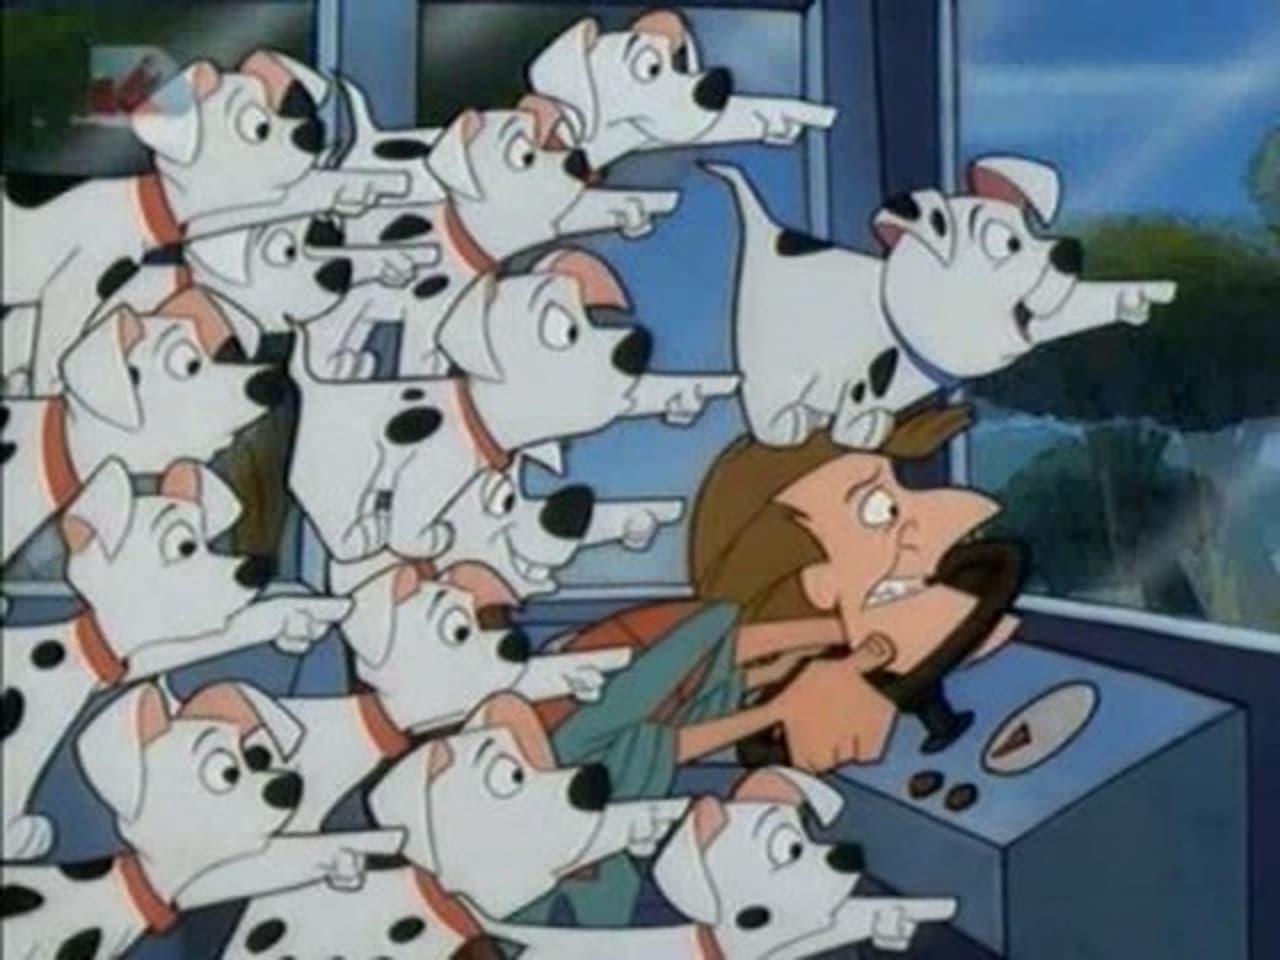 101 Dalmatians The Series Episode: Dalmatian Vacation 1 Road Warriors